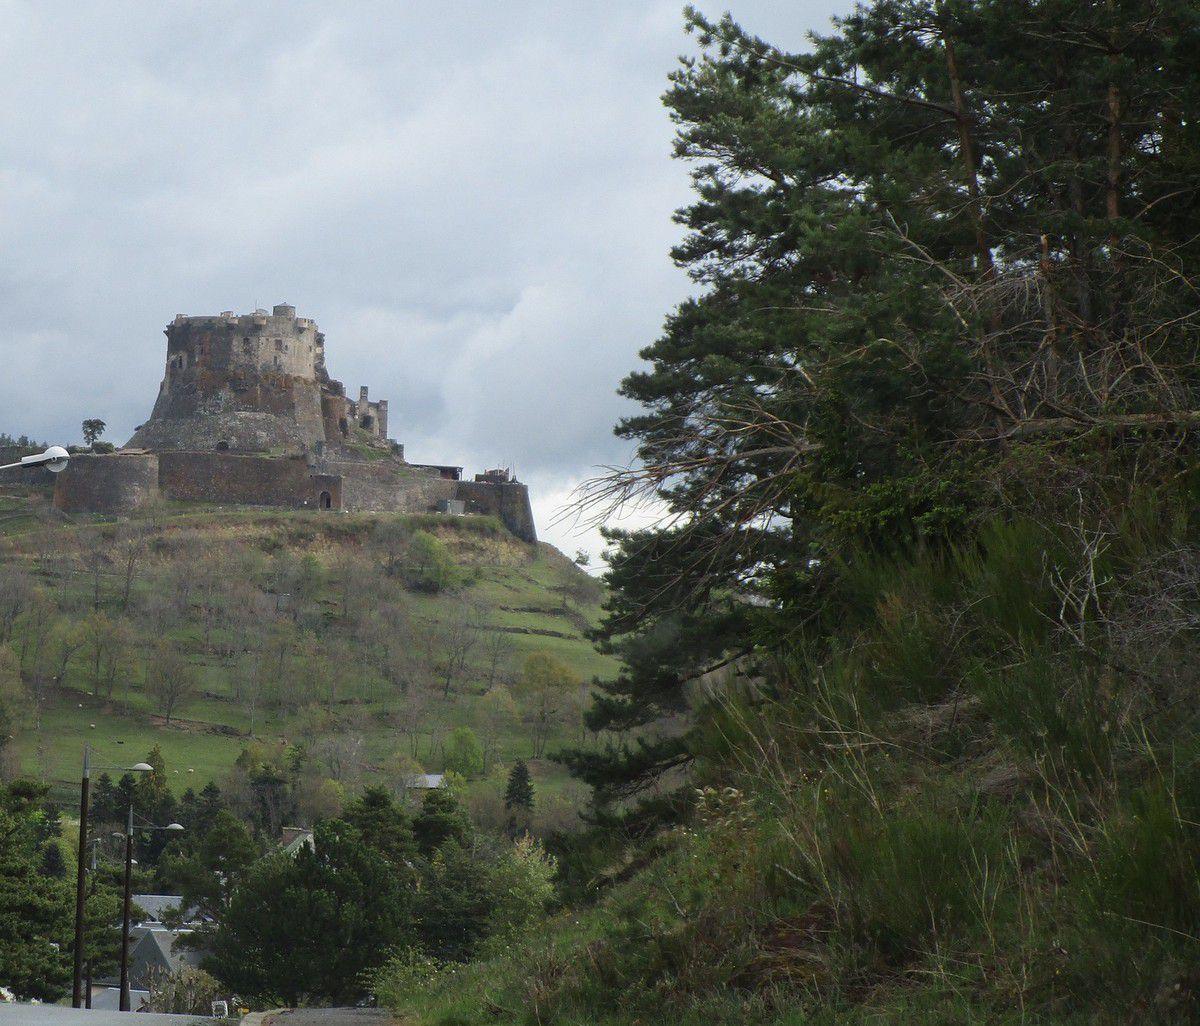 Le château de Murol et l'église de St Nectaire